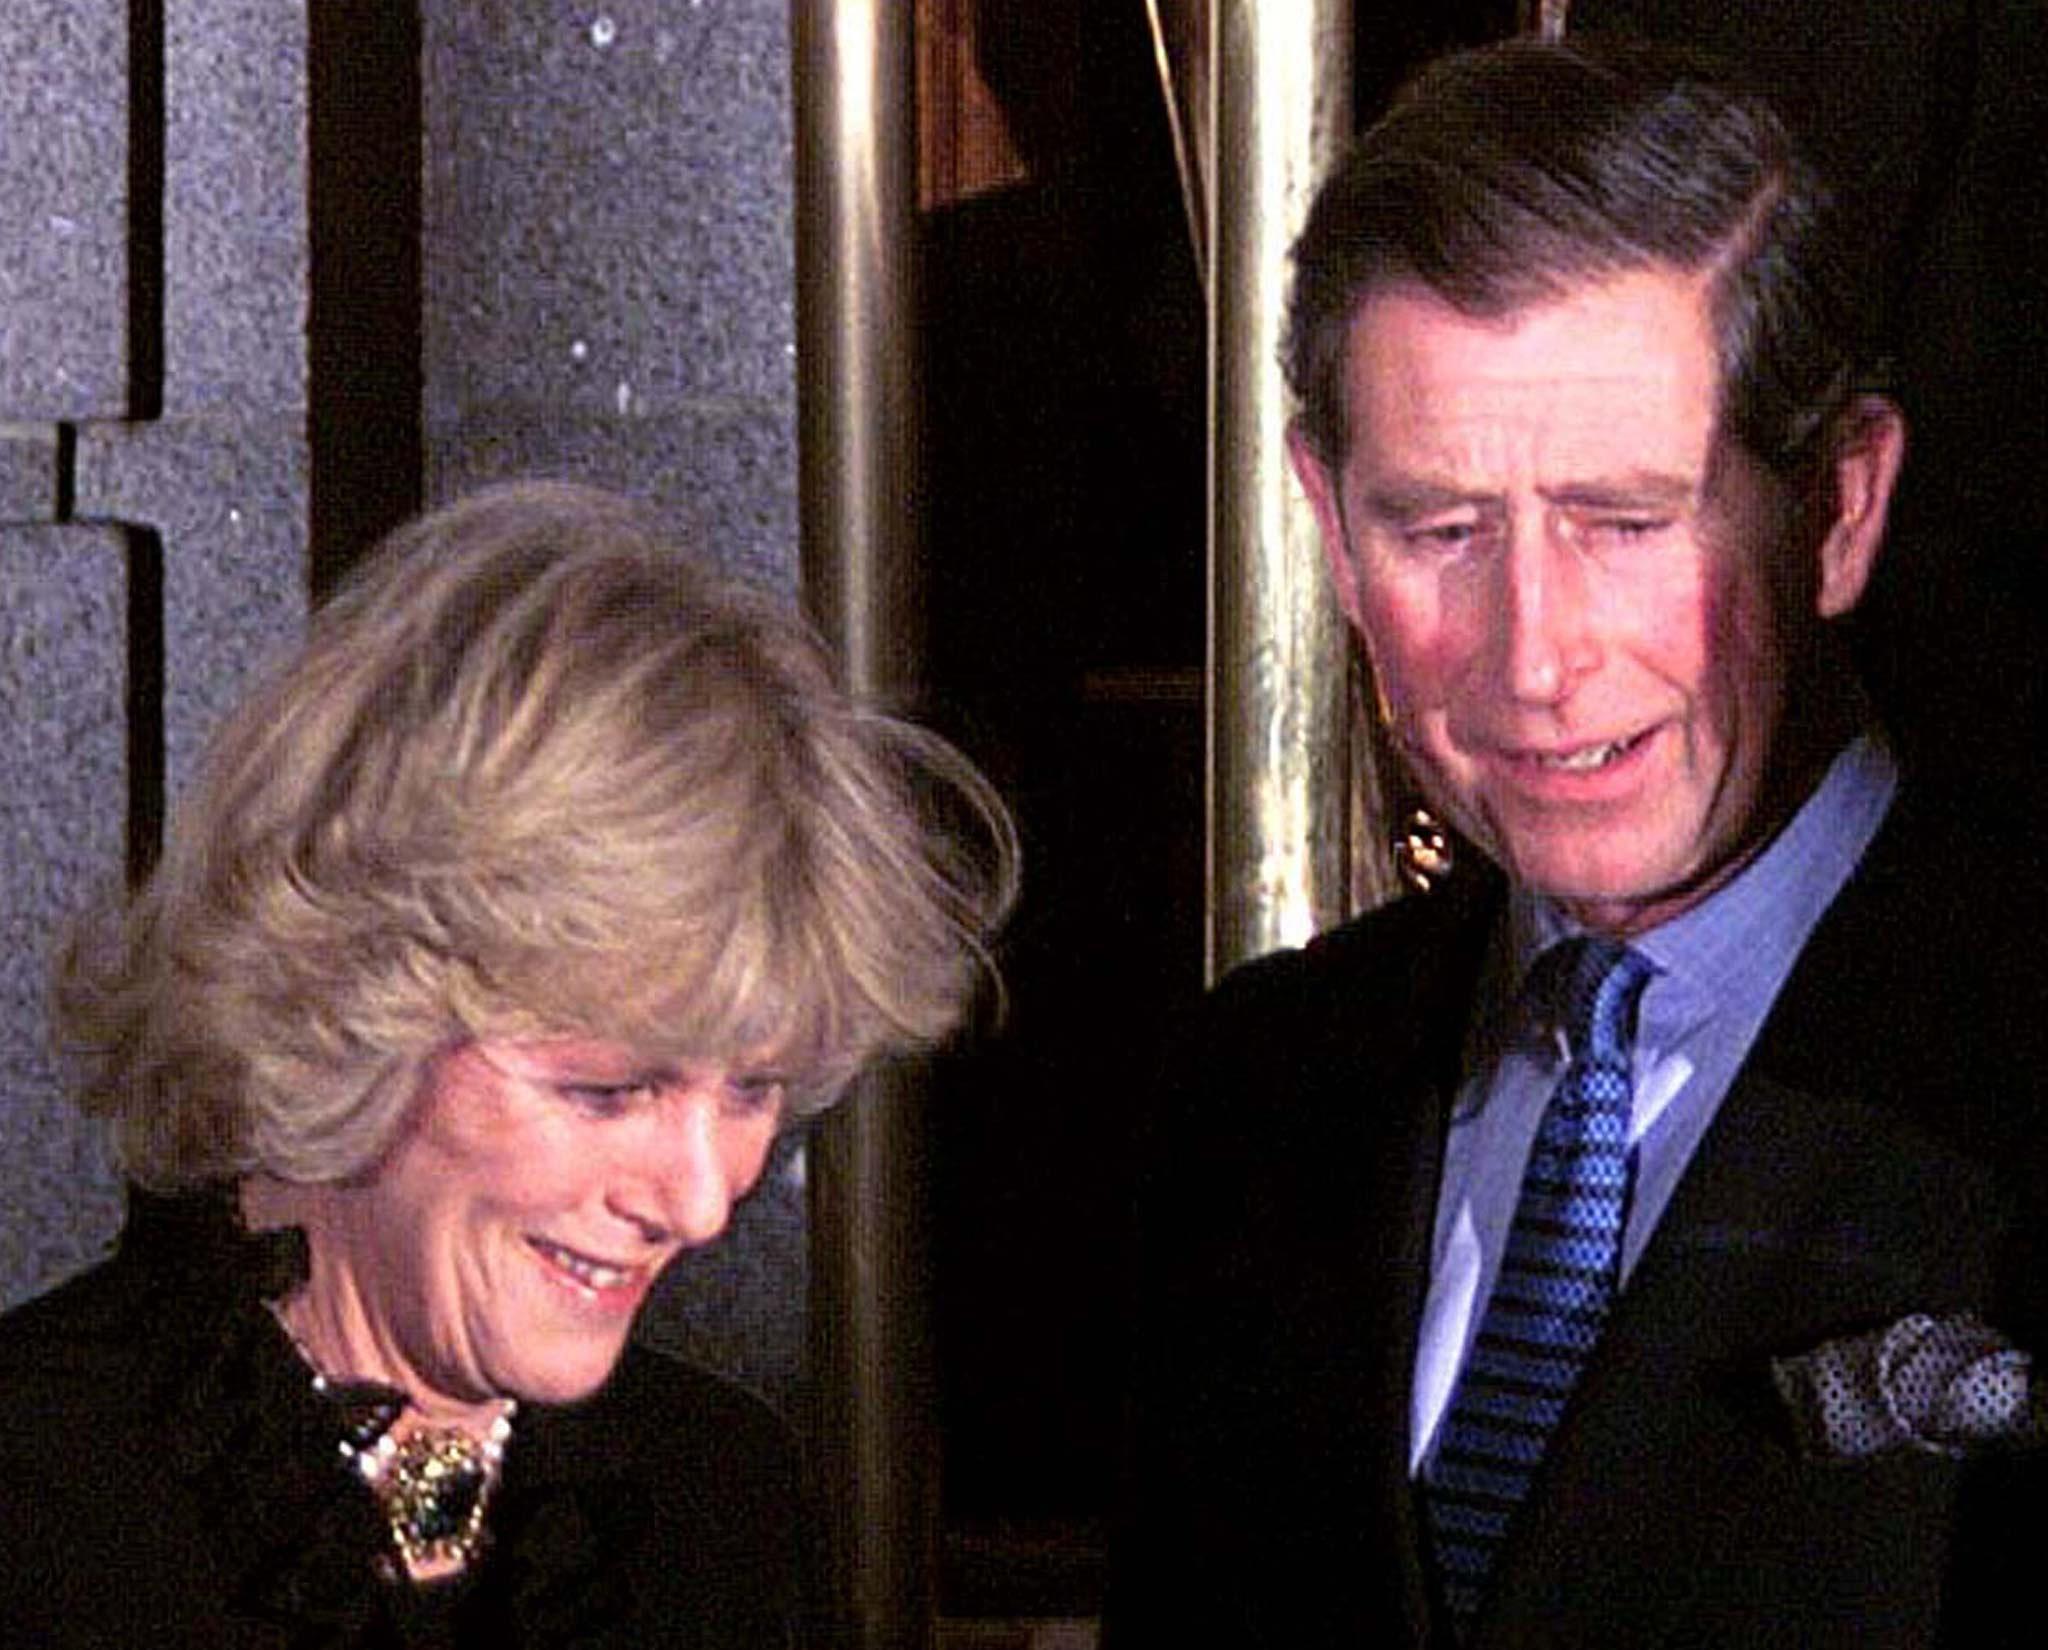 Erster Auftritt als Paar: Prinz Charles und Camilla Parker-Bowles machen ihre Beziehung 1999 bei einem sorgsam geplanten Termin öffentlich.